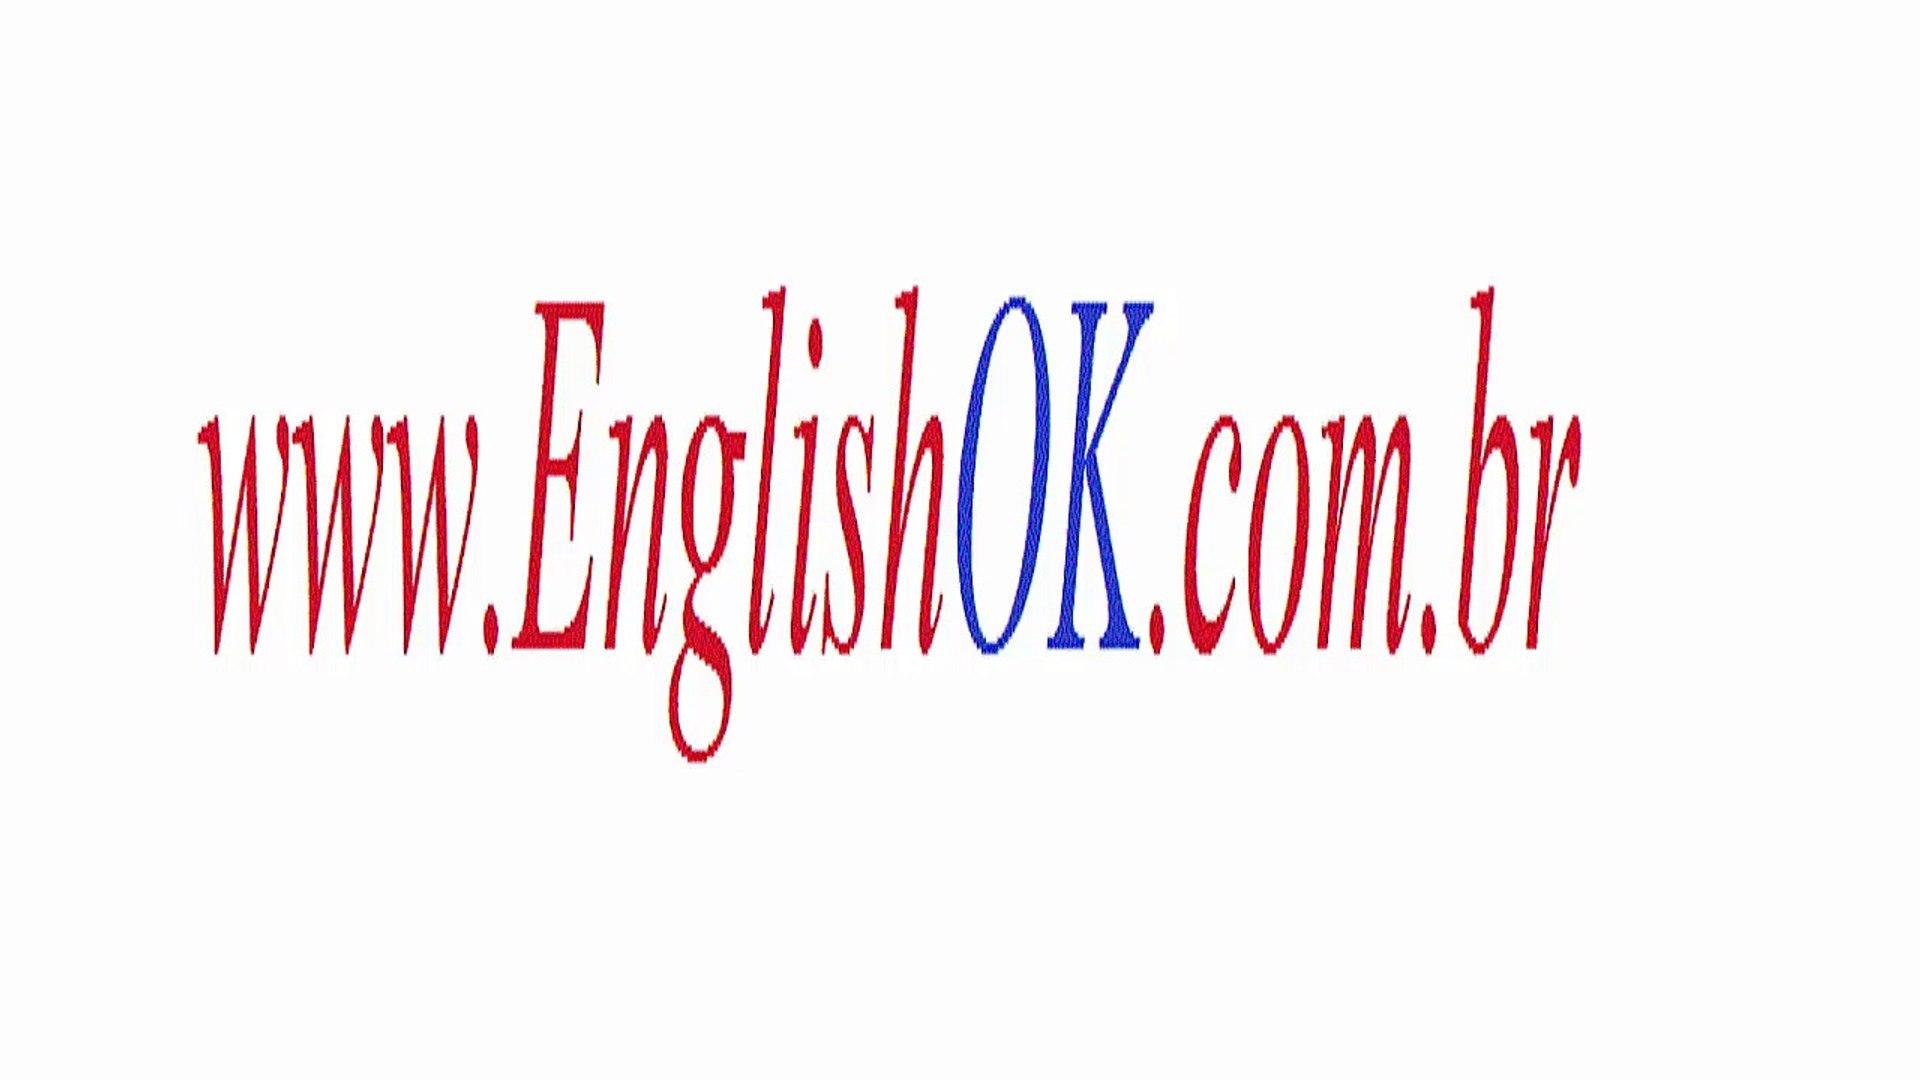 Carona Em Inglês